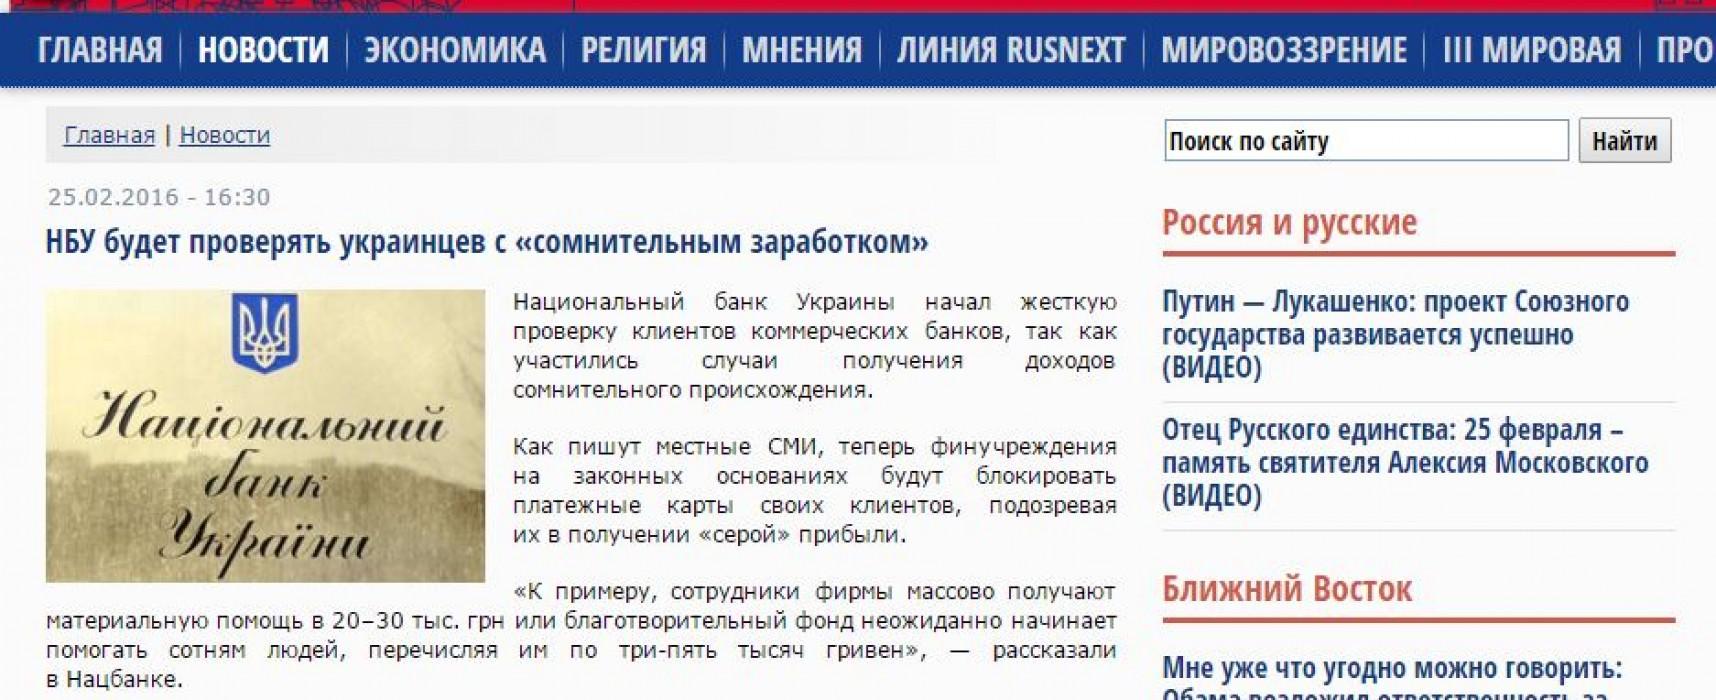 Фейк: НБУ требует проверять украинцев и блокировать платежные карты